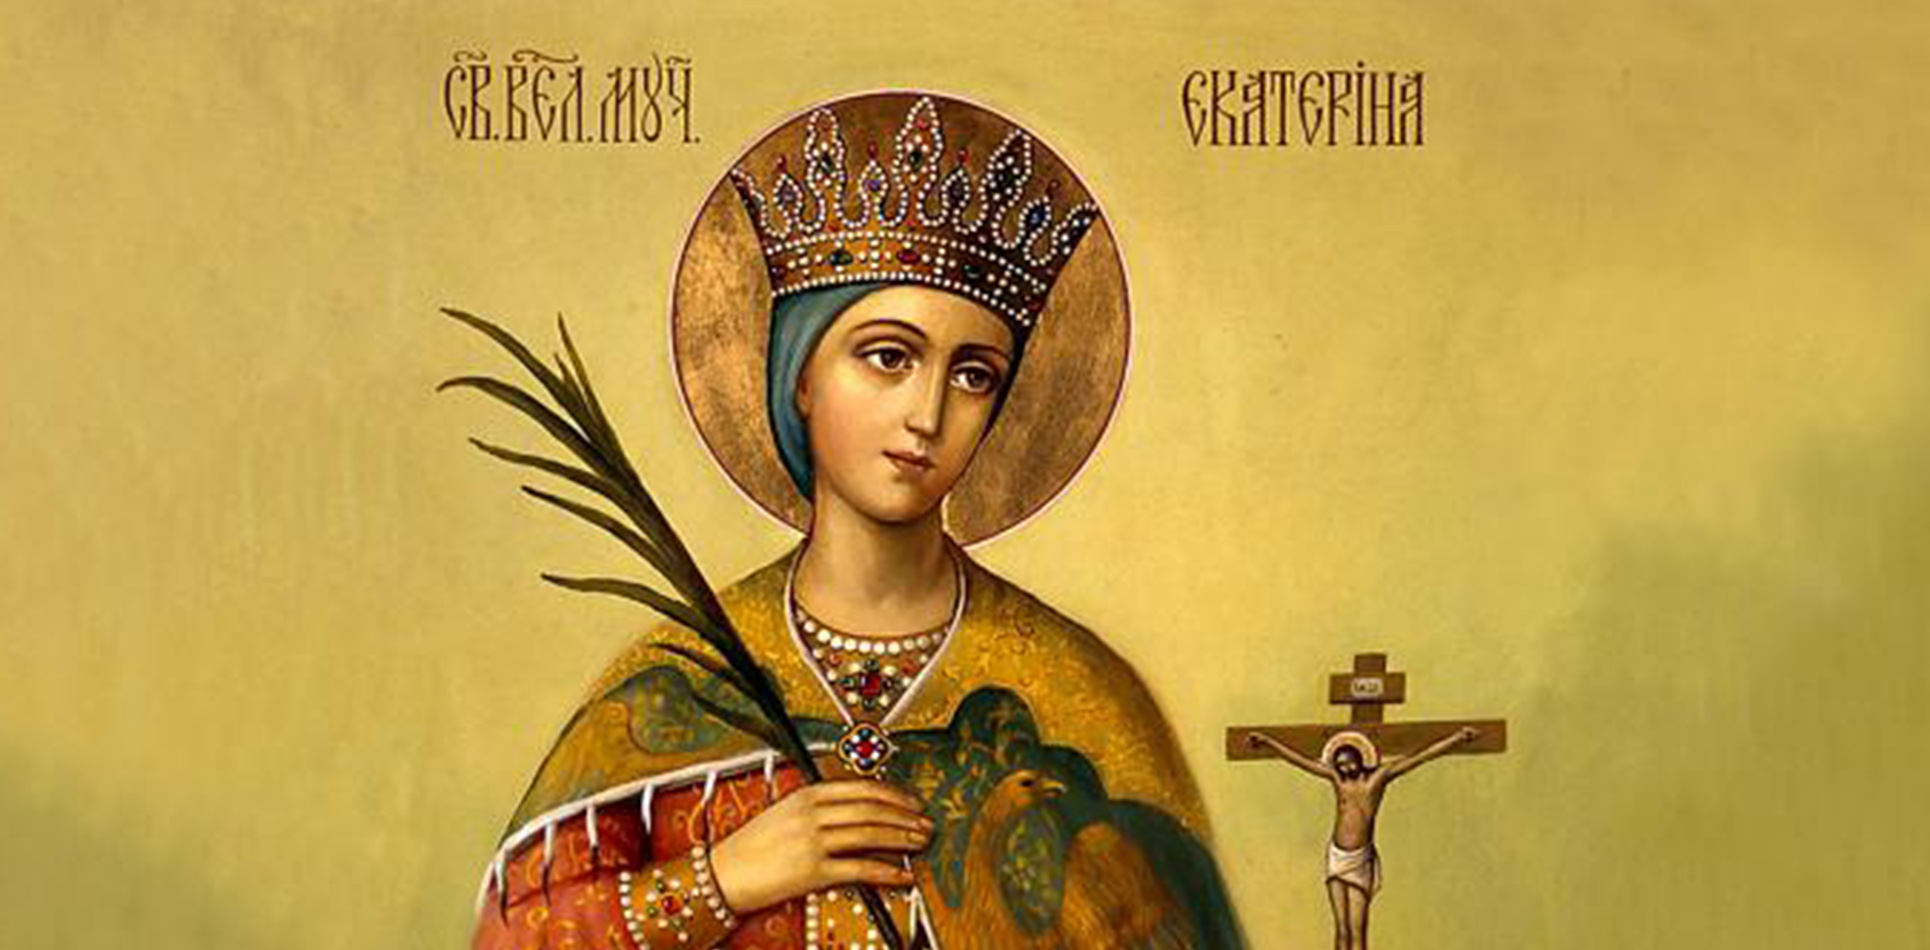 25 noiembrie Sfânta Ecaterina în calendarul ortodox și catolic